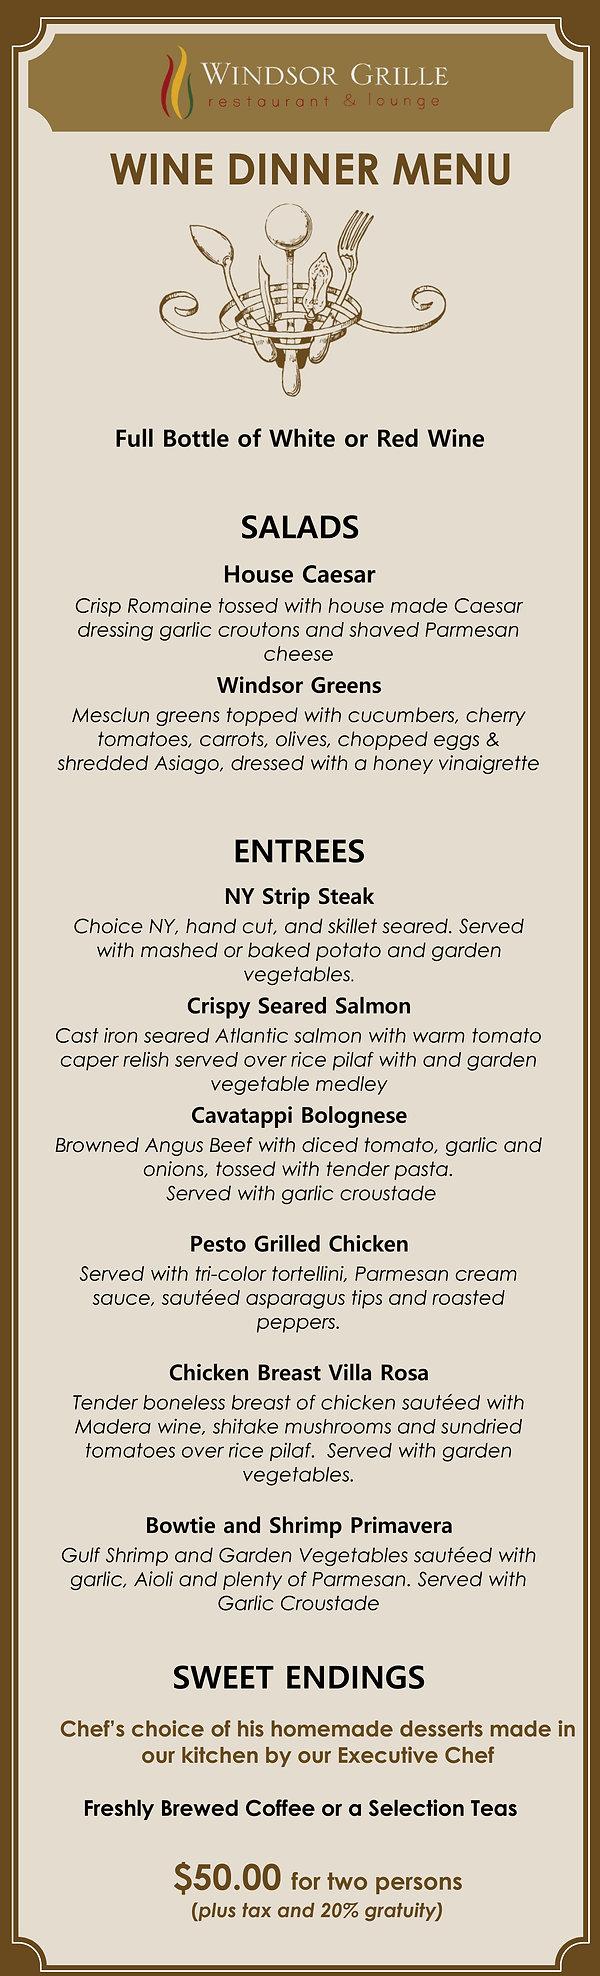 wine dinner menu_001.jpg